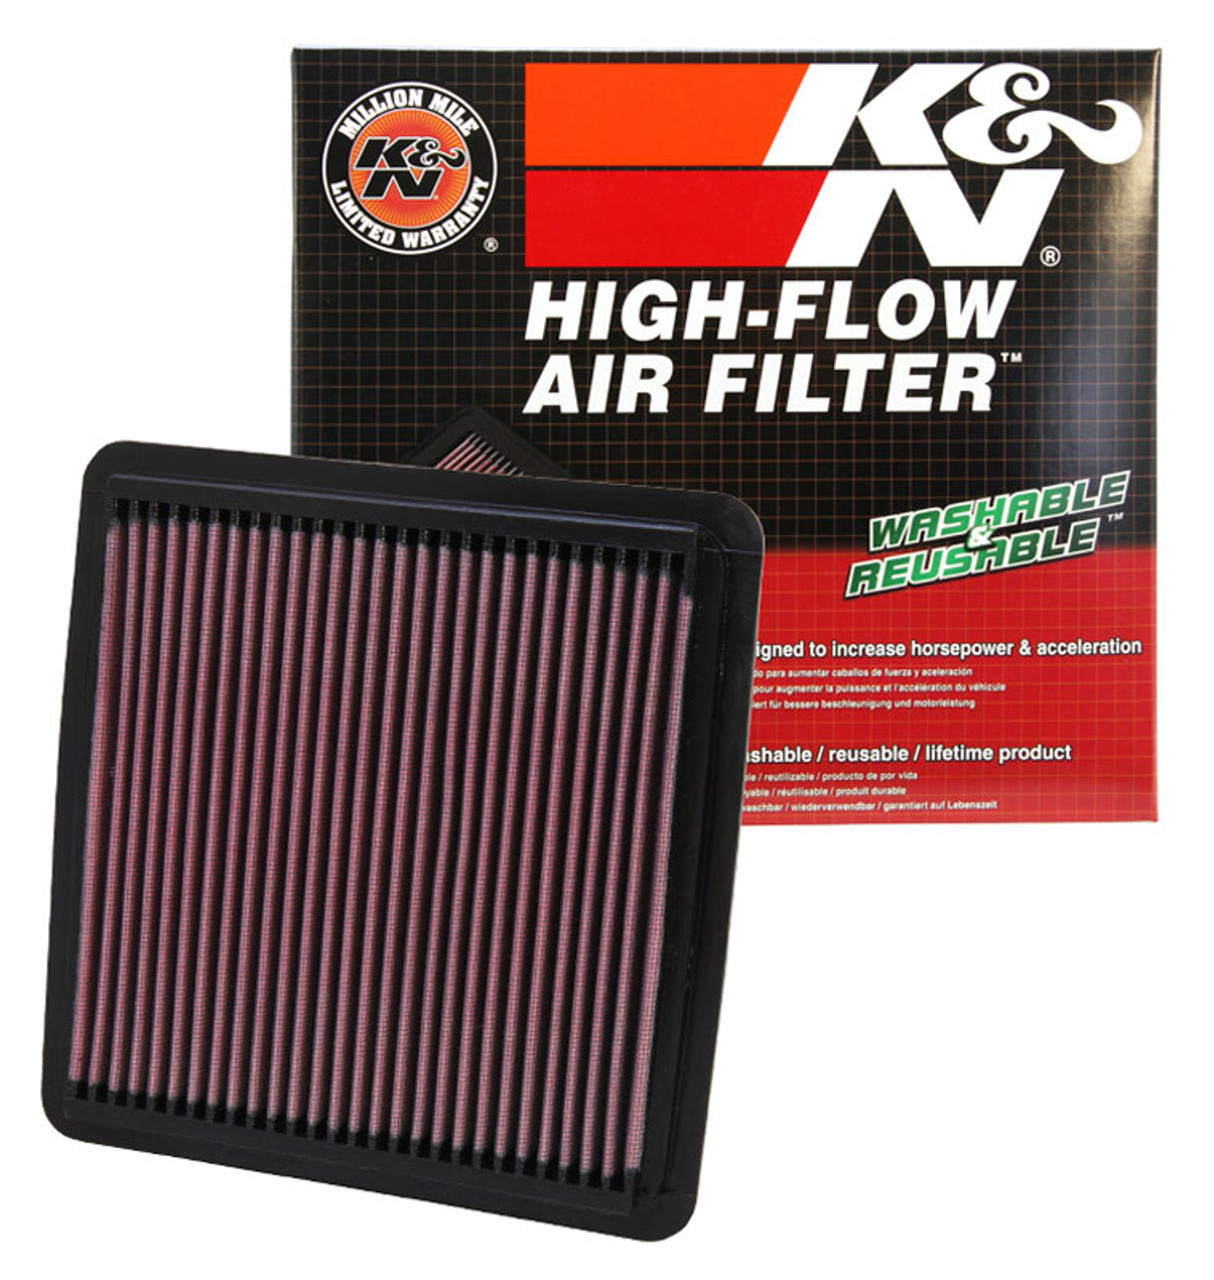 K/&N Filters Fits 2010-2017 Toyota Lexus Hi-Flow Air Intake Filter